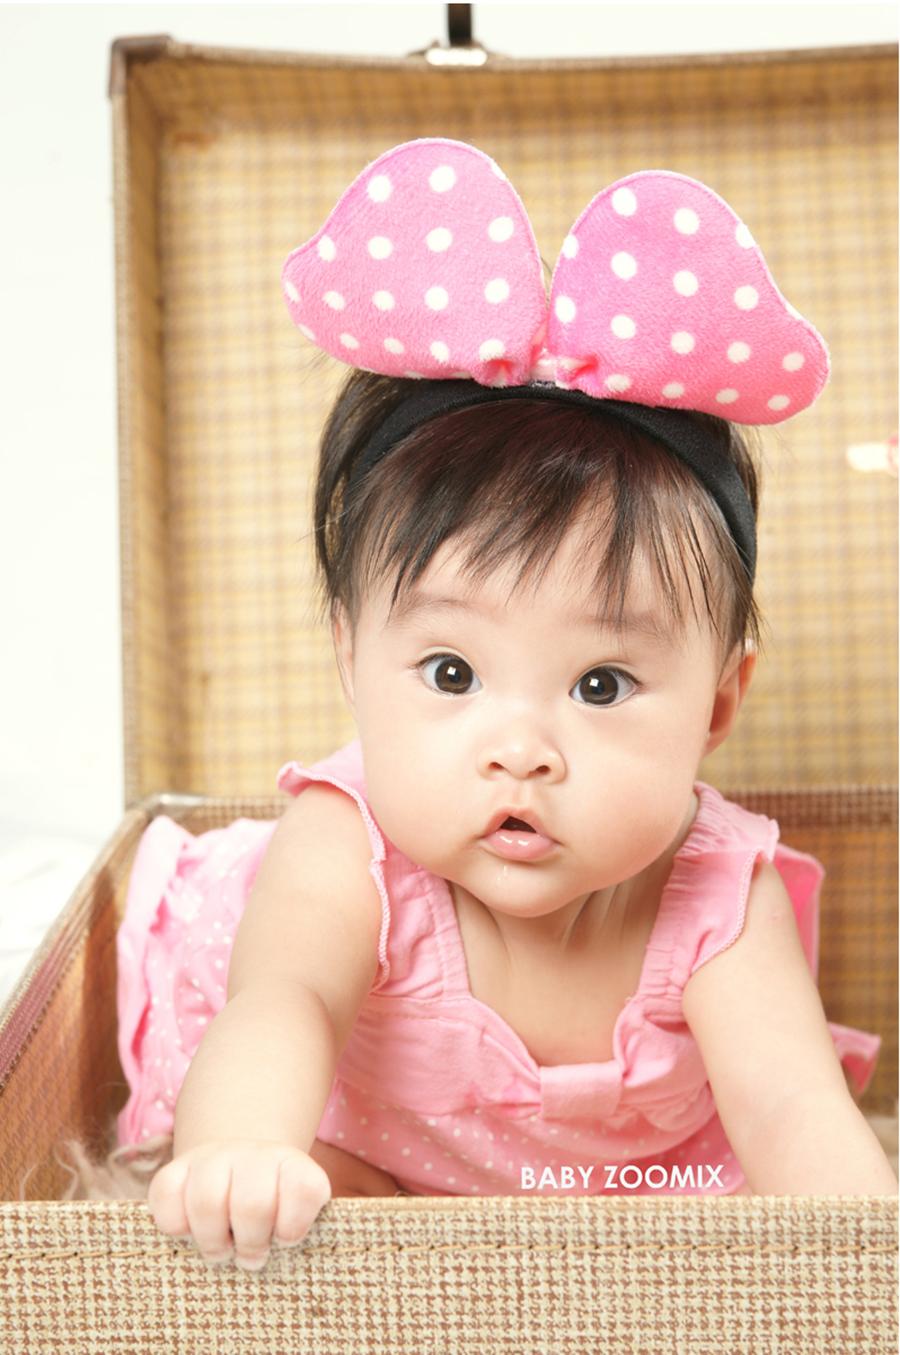 zoomxi kid babyB06